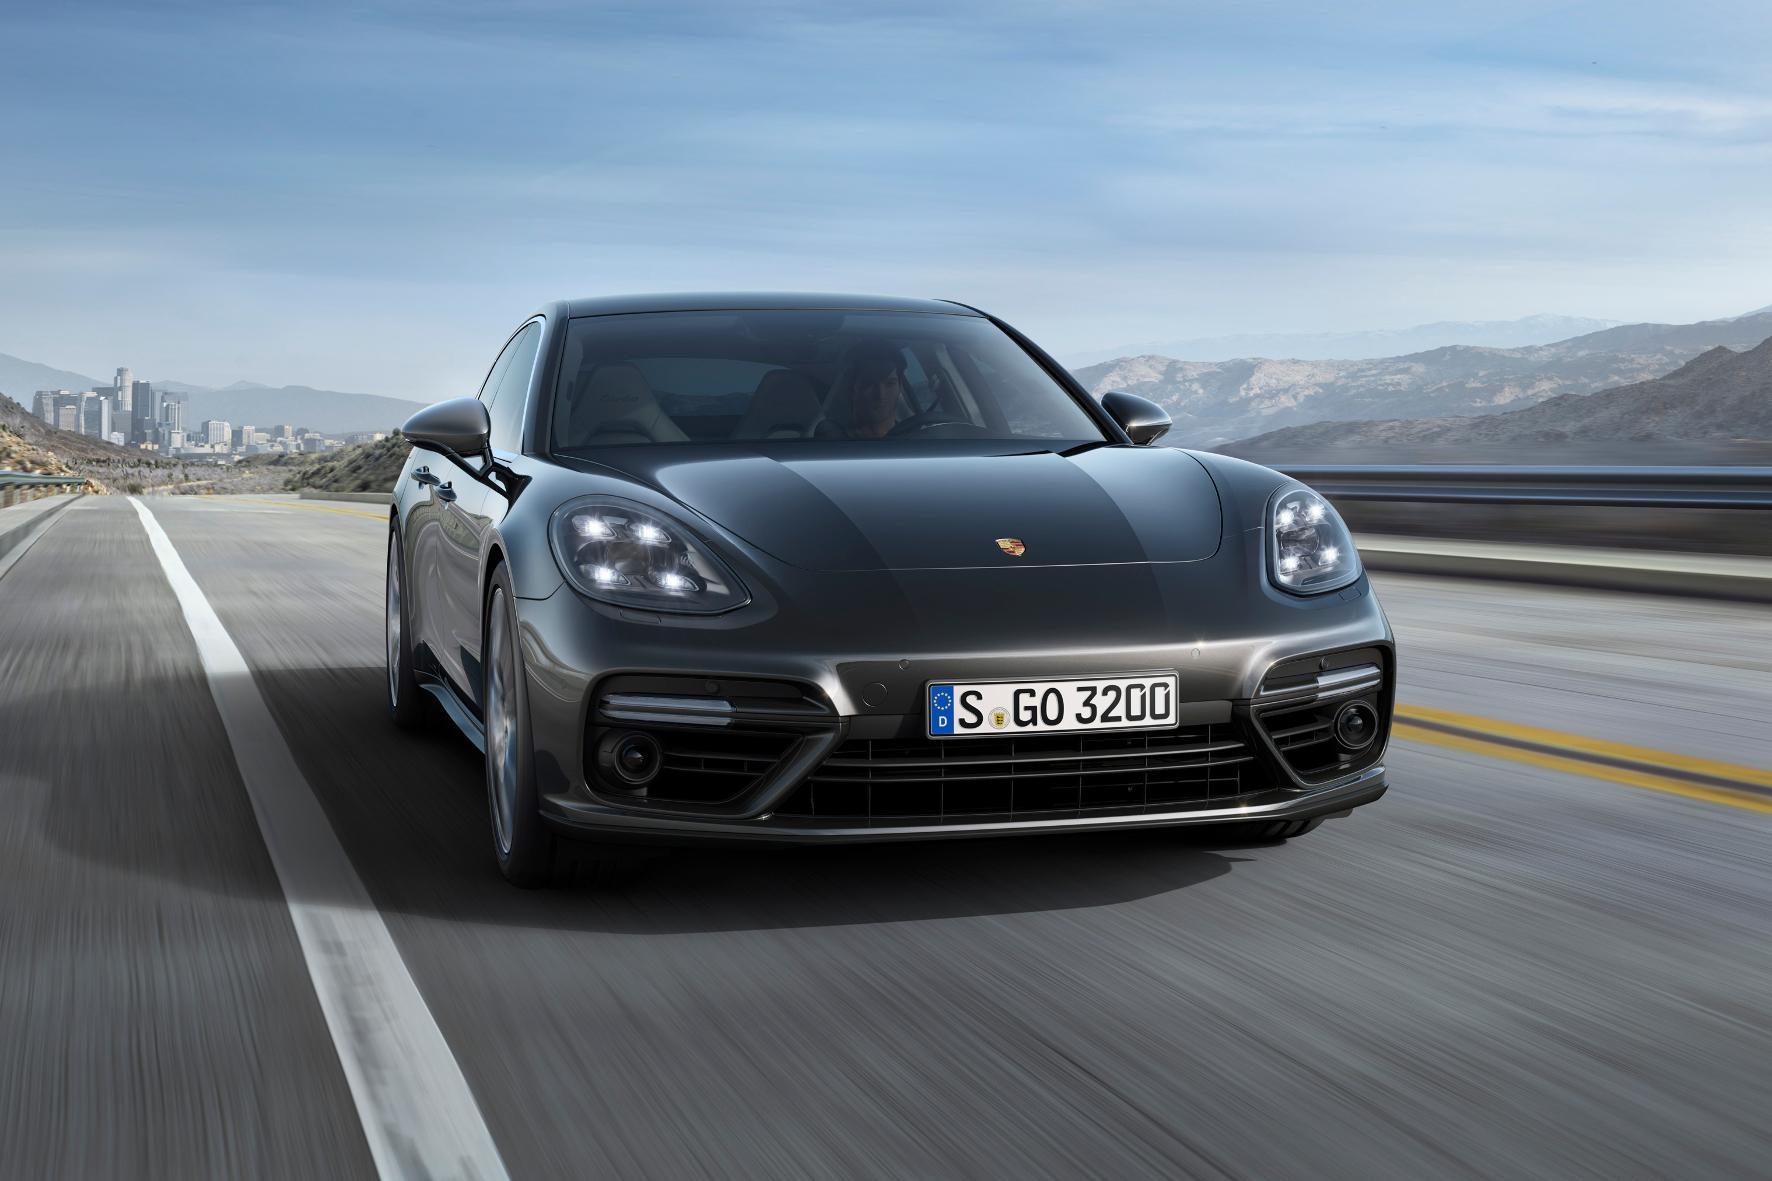 mid Groß-Gerau - Vorhang auf für die zweite Generation von Porsches Luxus-Limousine: Der neue Panamera wirkt vertraut und dennoch völlig neu.